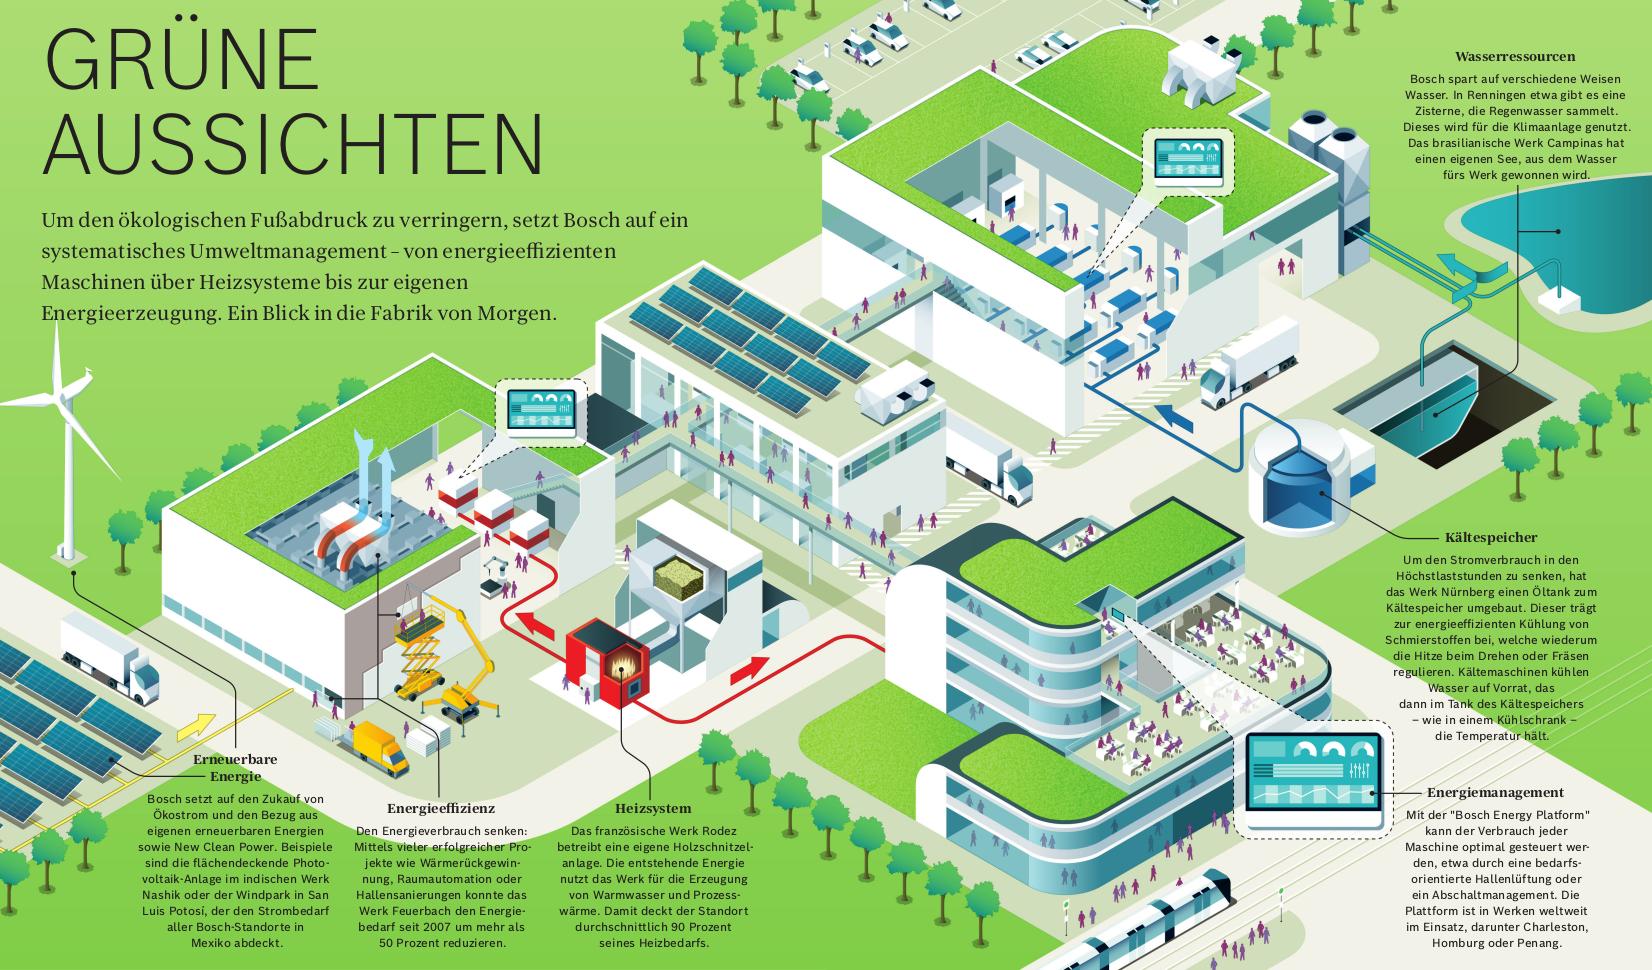 Systematisches Umweltmanagement — ein Blick in die Fabrik von Morgen